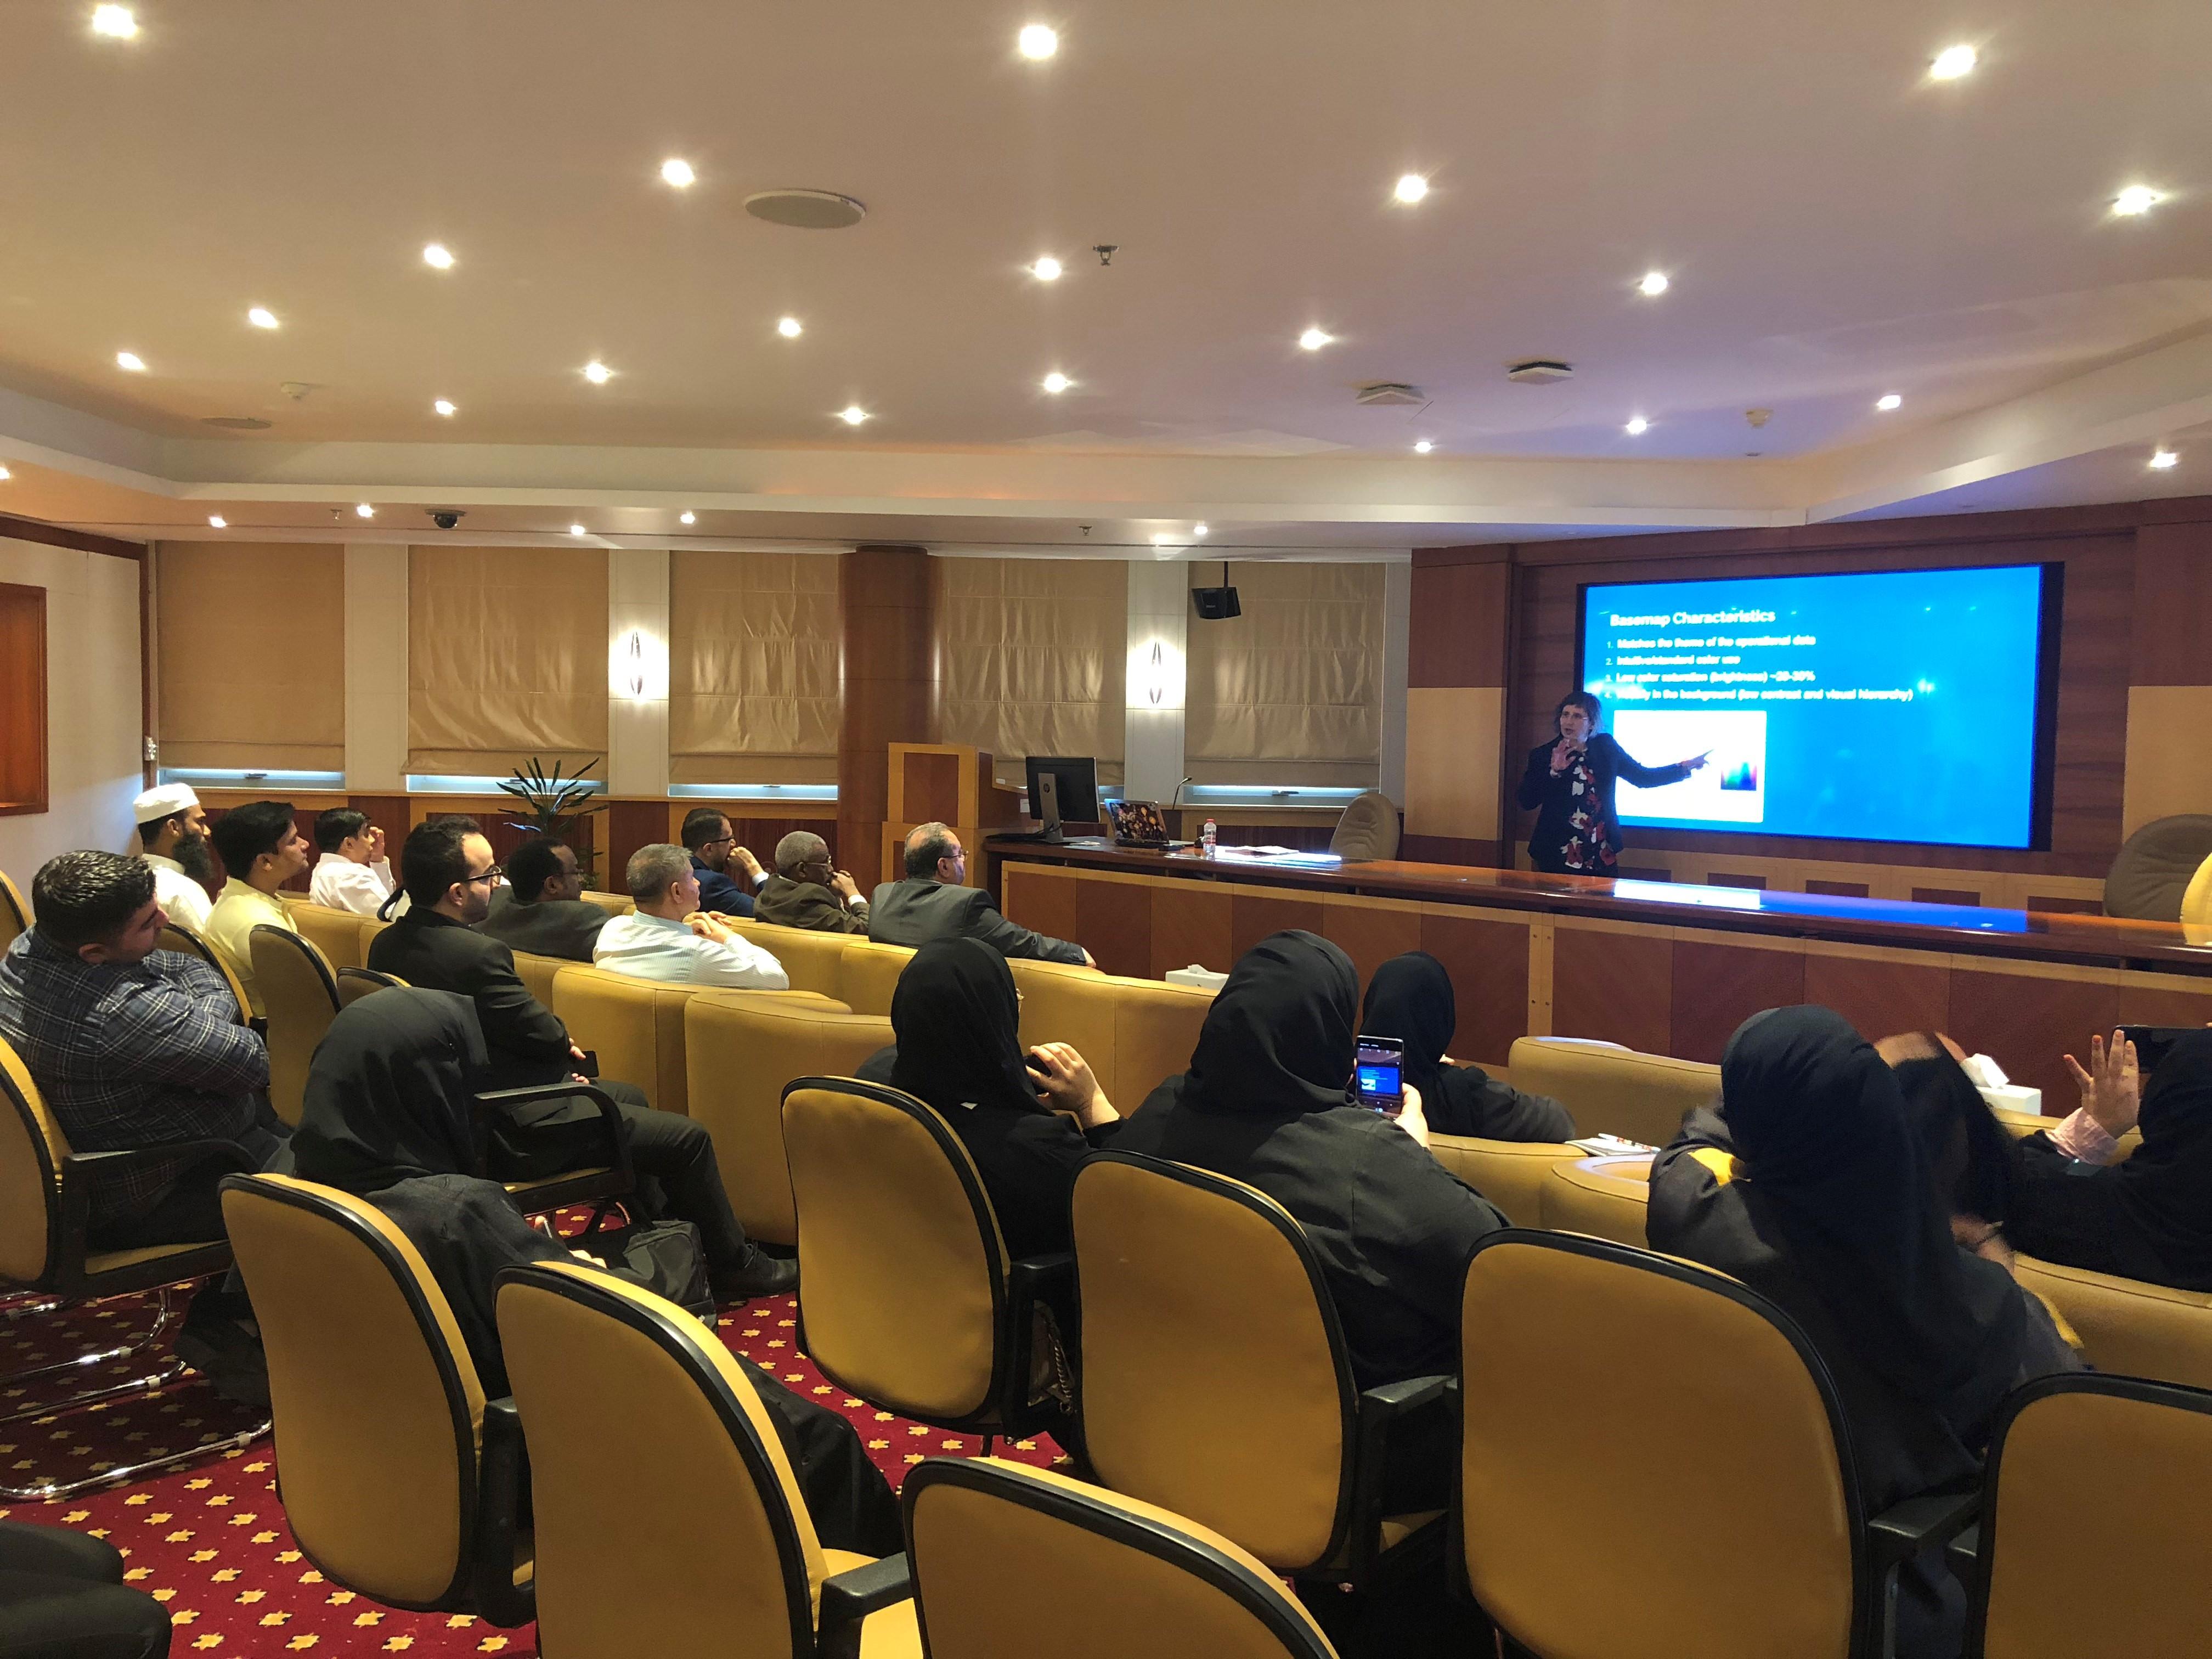 ورشة عمل لزيادة القدرة التنافسية لموظفي حكومة دبي على الخرائط المطبوعة والرقمية ديسمبر 2019